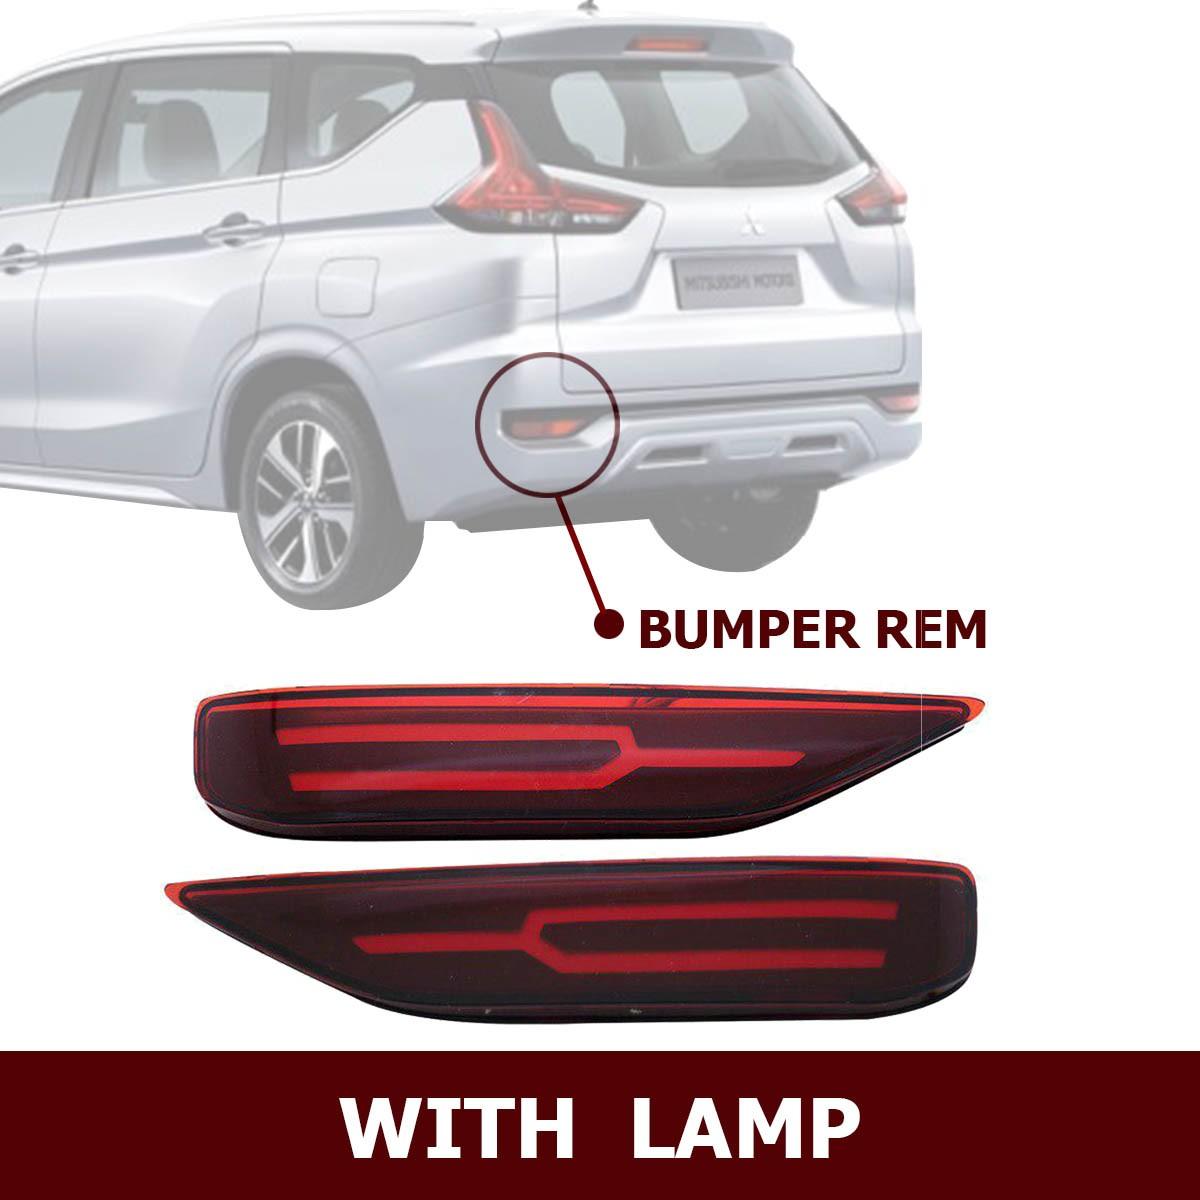 HIRO REAR REFLEKTOR LED BUMPER REM WITH LAMP LAMBORGHINI STYLE MITSUBISHI XPANDER